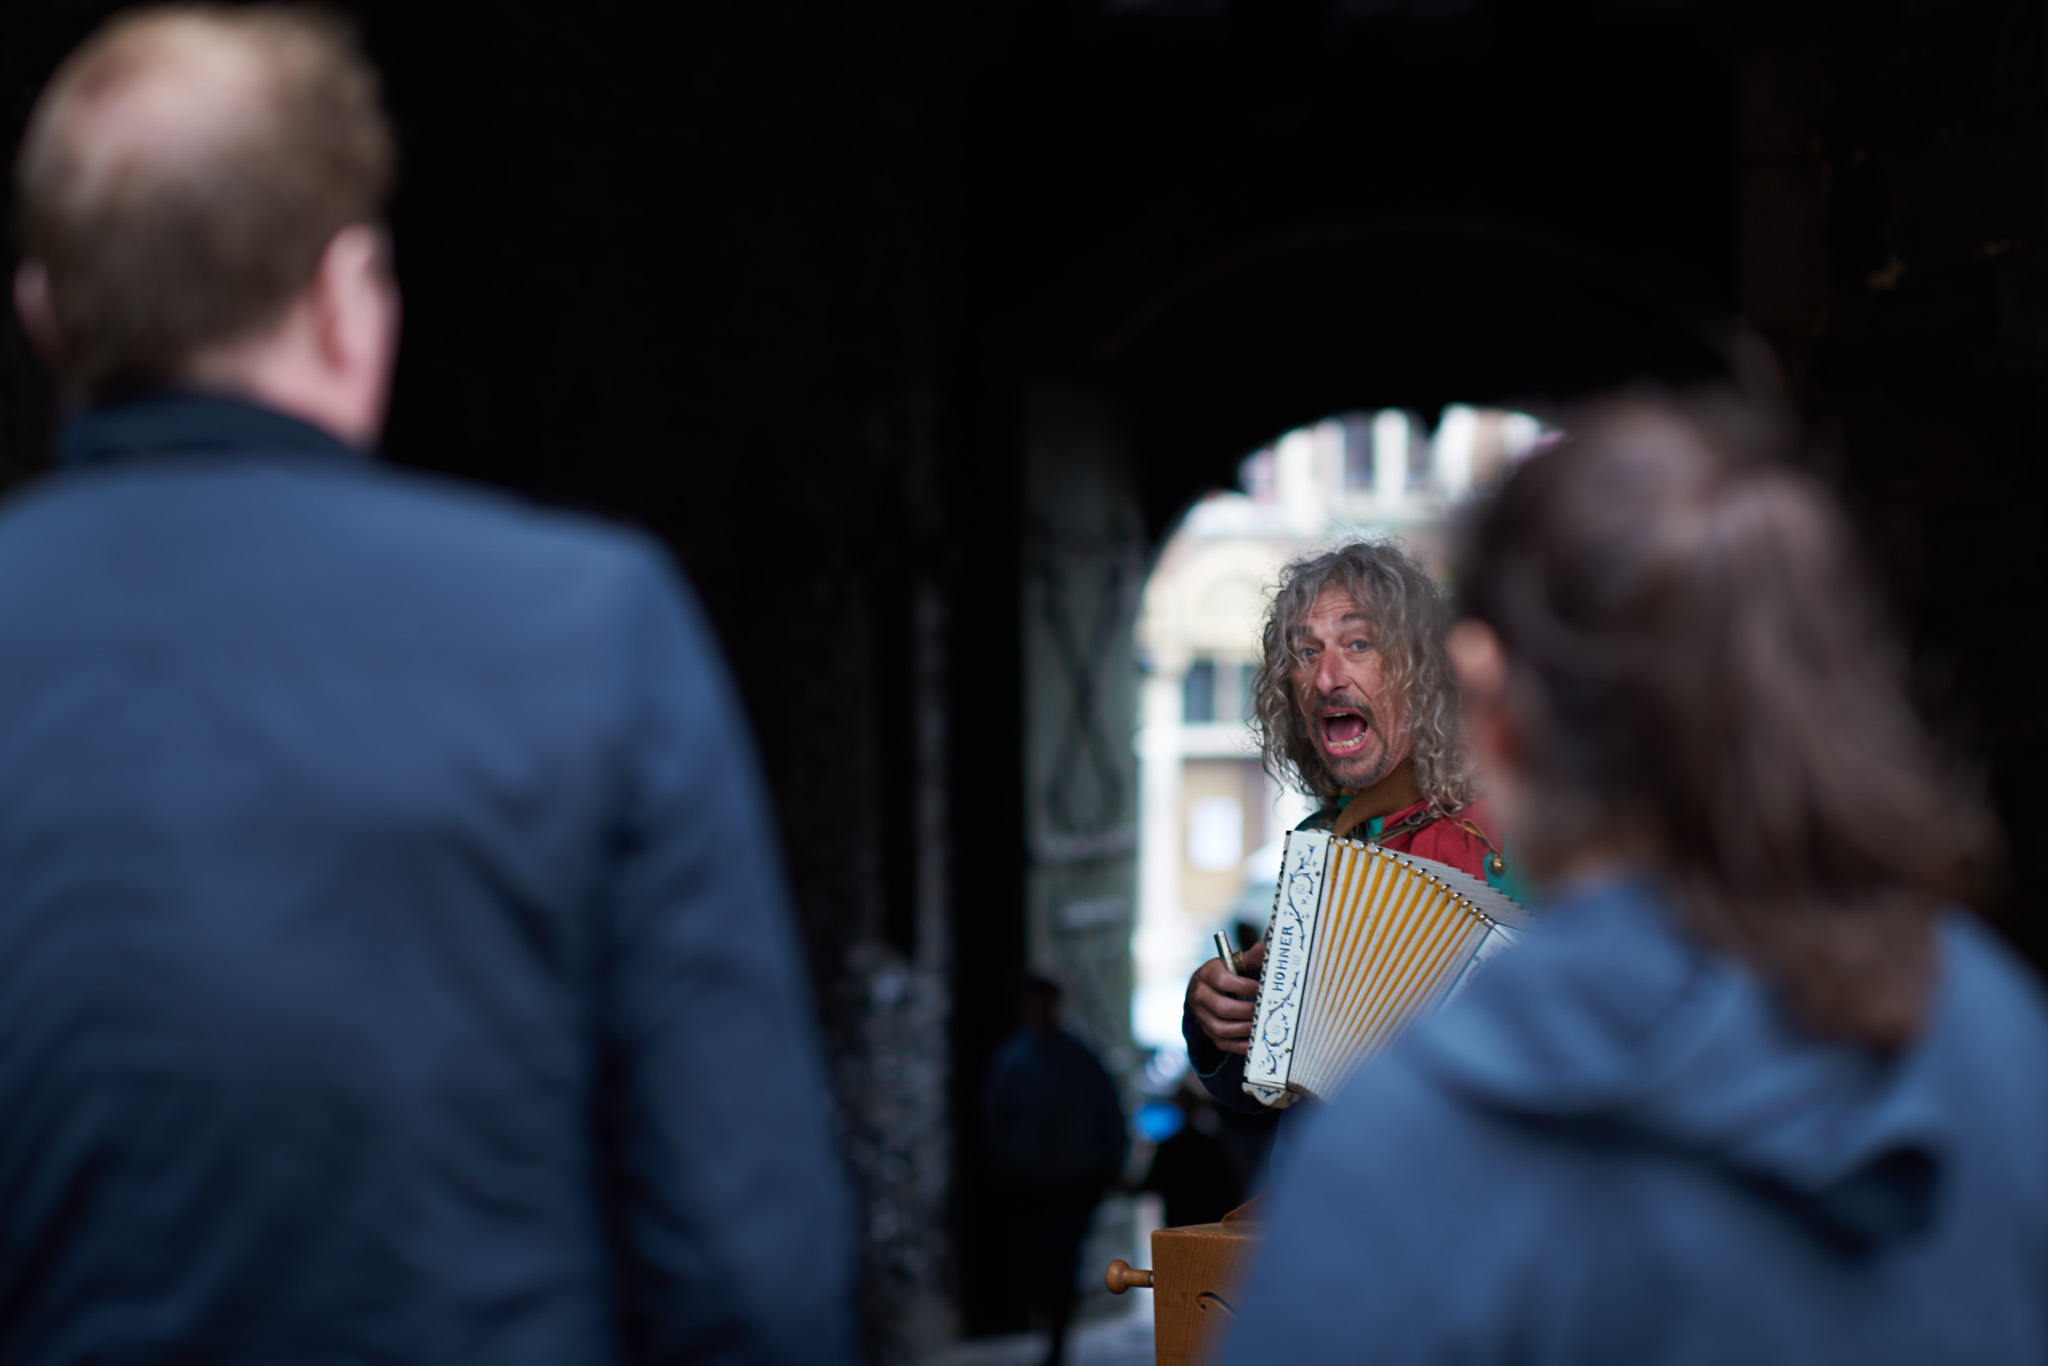 Muzikale nar in Gent